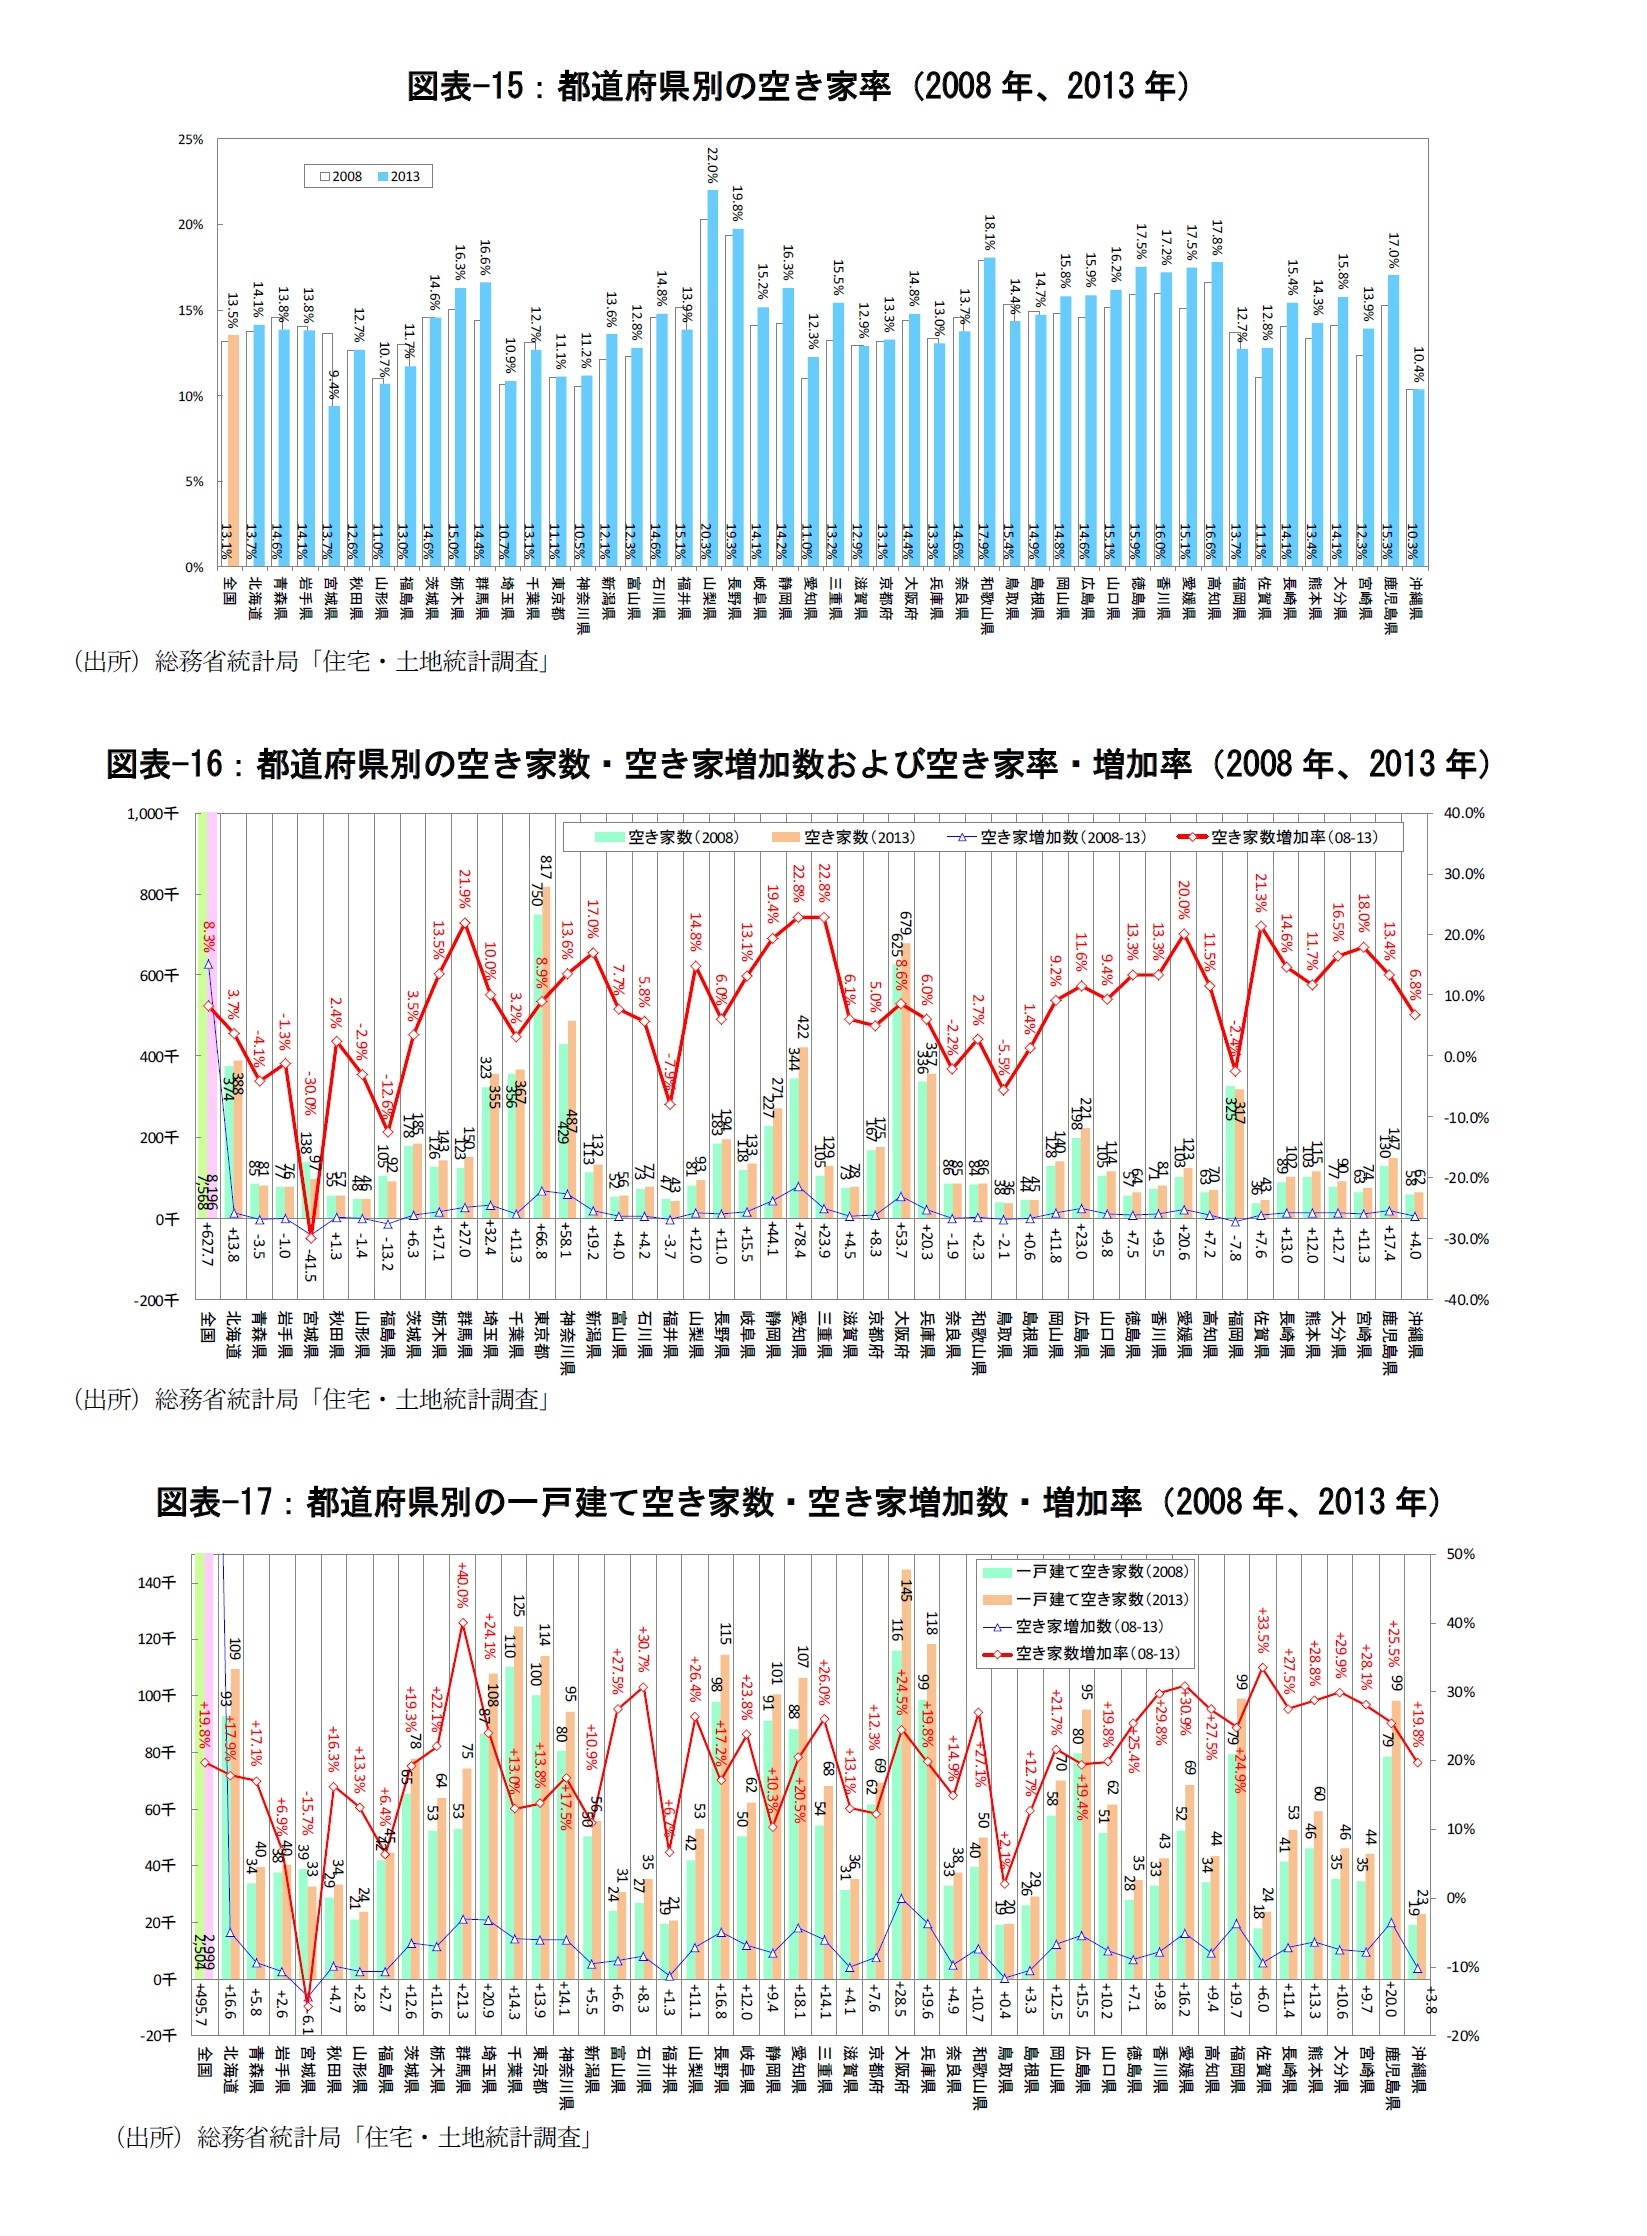 図表-15:都道府県別の空き家率(2008年、2013年)/図表-16:都道府県別の空き家数・空き家増加数および空き家率・増加率(2008年、2013年)/図表-17:都道府県別の一戸建て空き家数・空き家増加数・増加率(2008年、2013年)